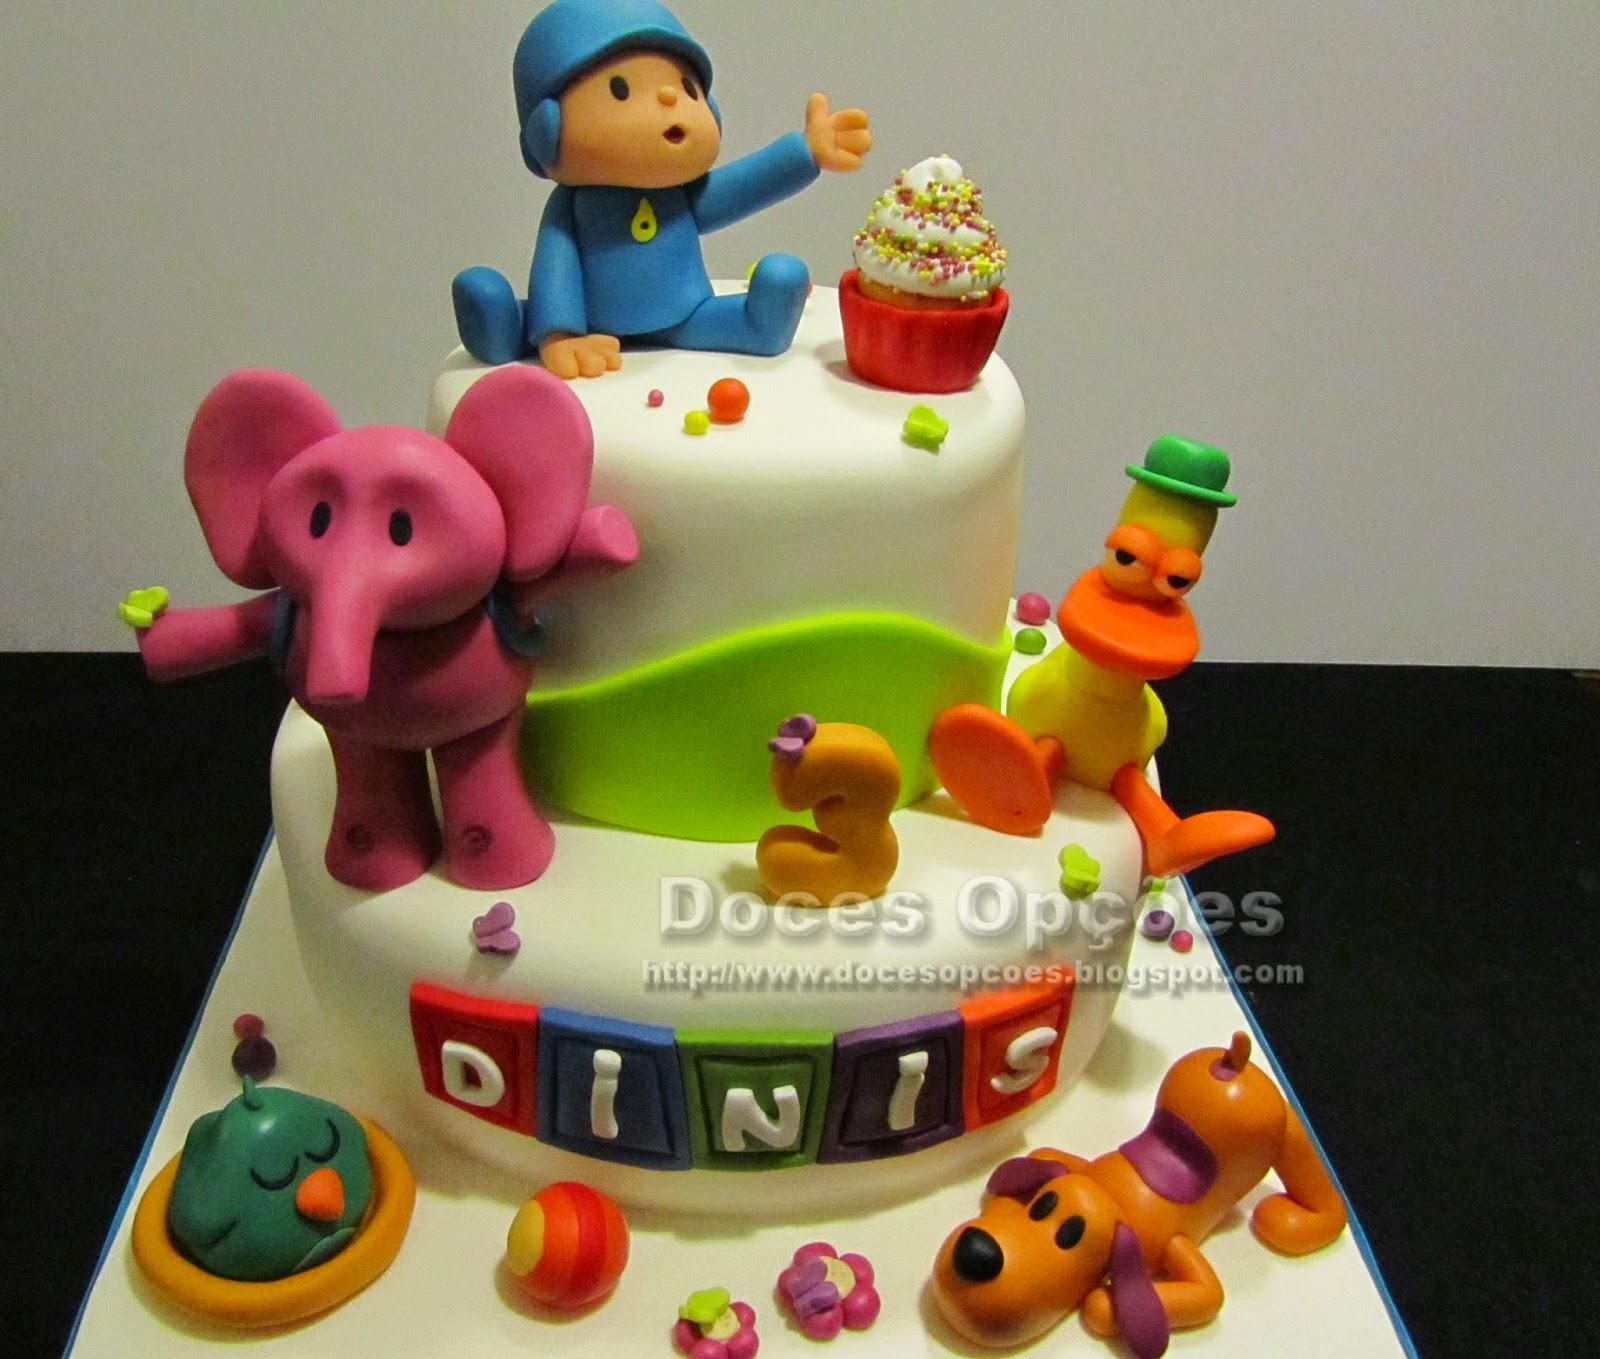 Amado Doces Opções: Bolo de aniversário com o Pocoyo e amigos BJ82